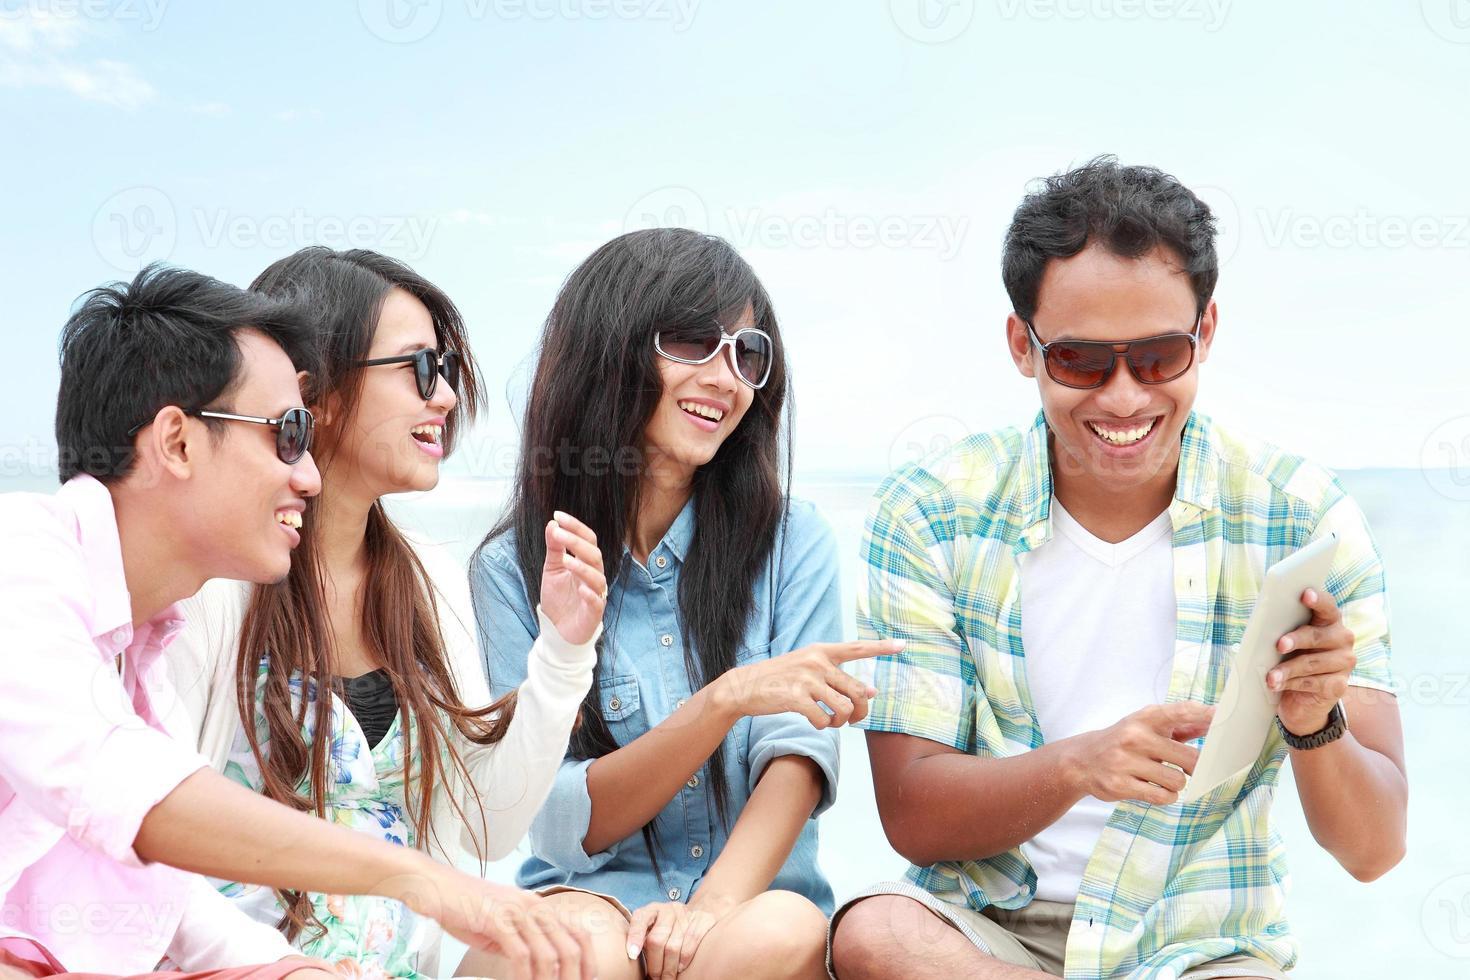 groep vrienden genieten van strandvakantie samen met tablet pc foto